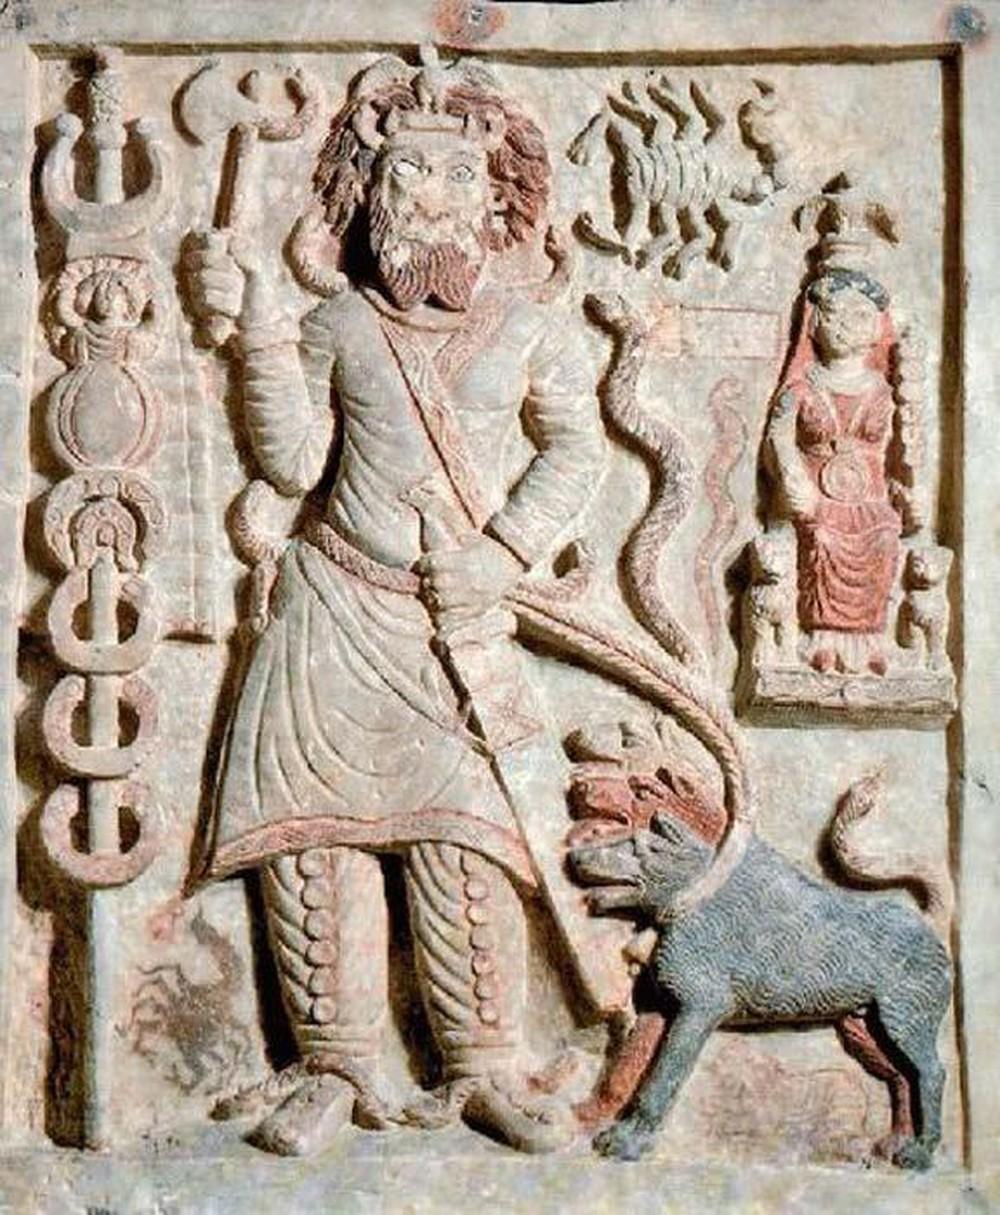 上图:内尔伽勒(Nergal)是苏美尔神话中的冥王,可能就是「匿甲」(王下十七30)、「惊吓的王」(伯十八14)。